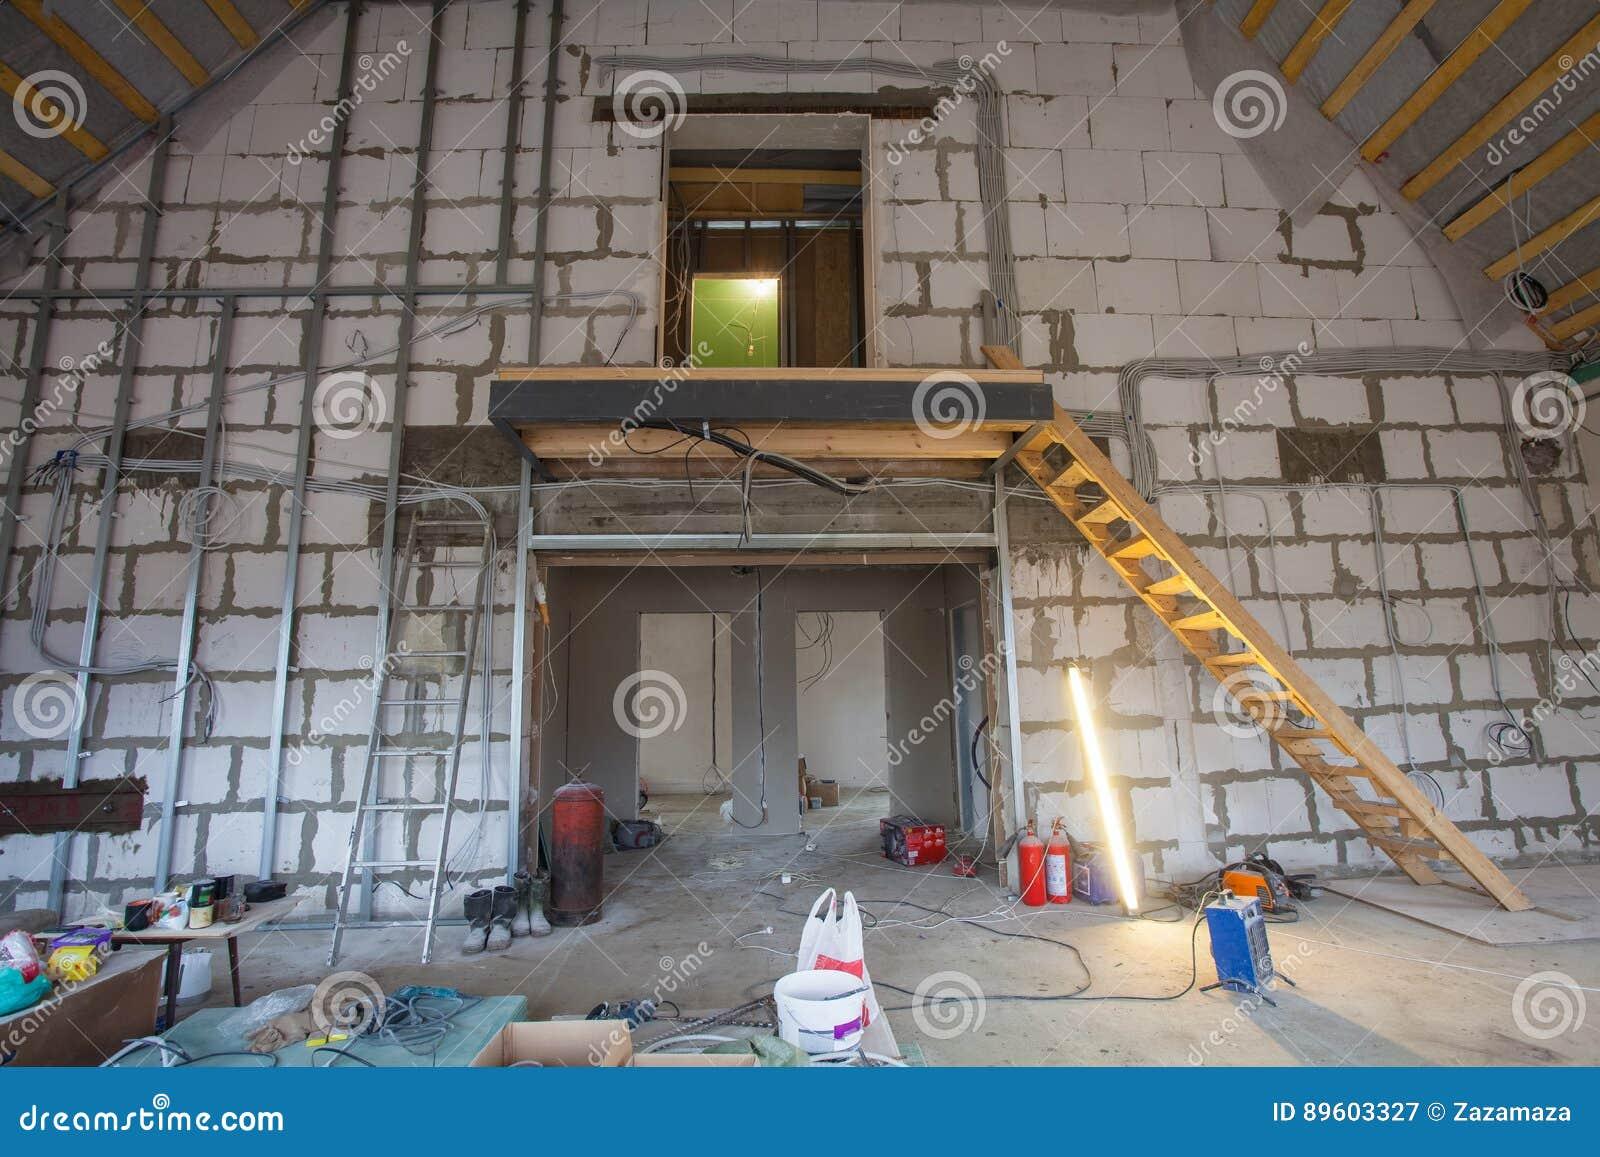 Matériaux pour des réparations et outils pour transformer dans un appartement qui est en construction et rénovation